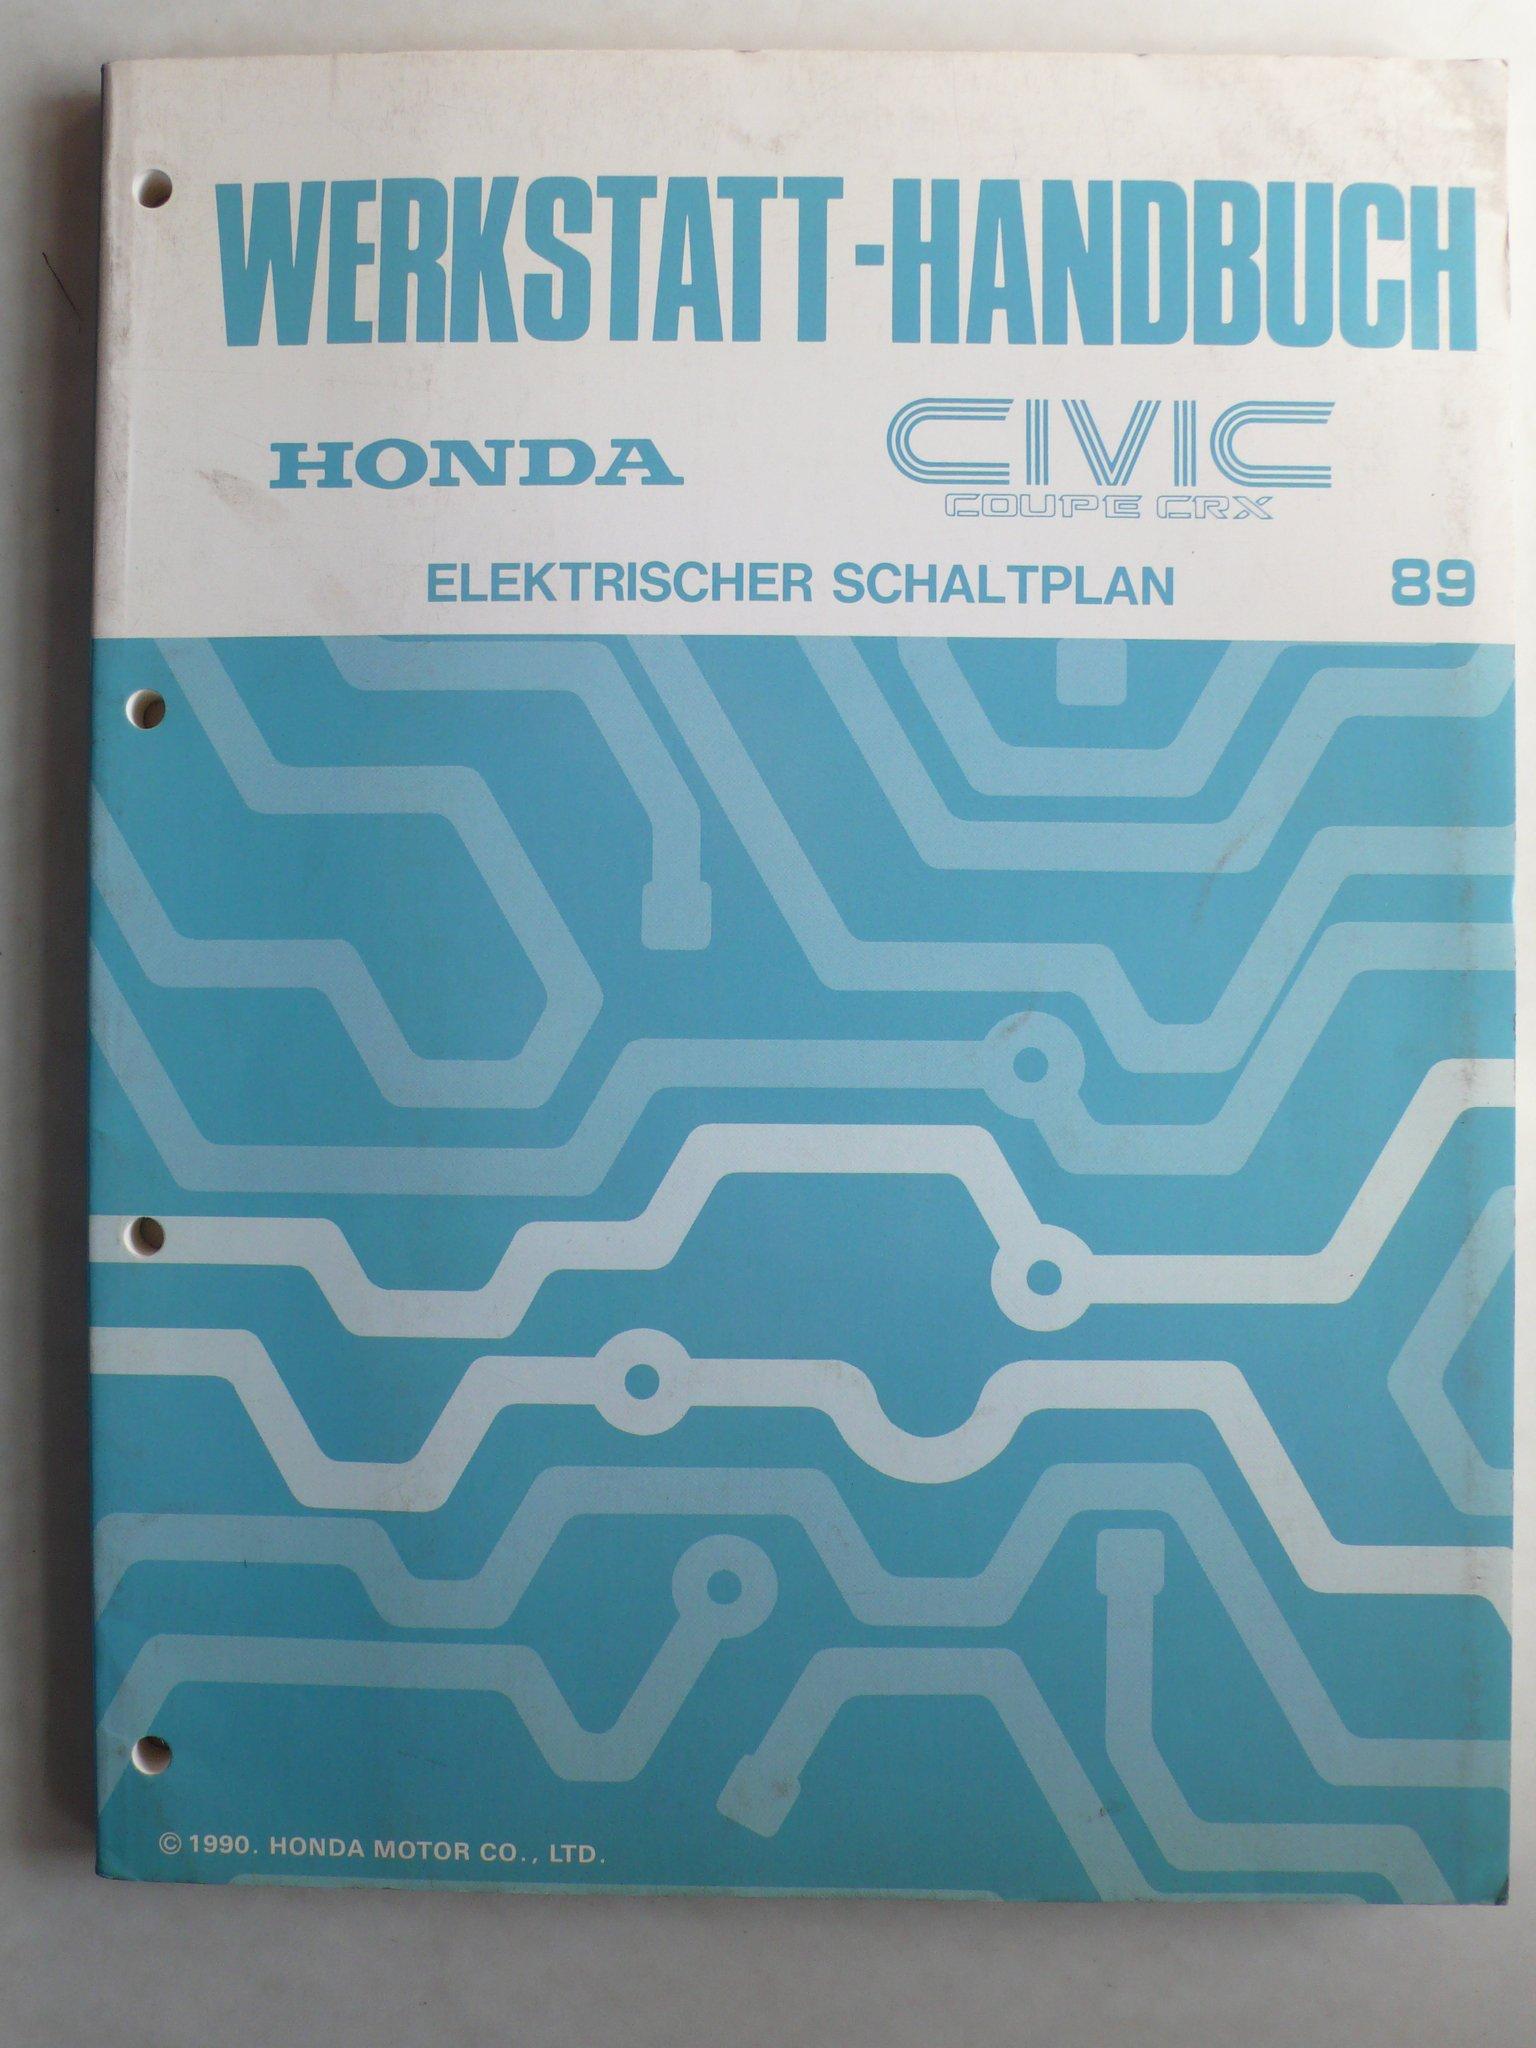 Beste Crx Schaltplan Bilder - Der Schaltplan - greigo.com